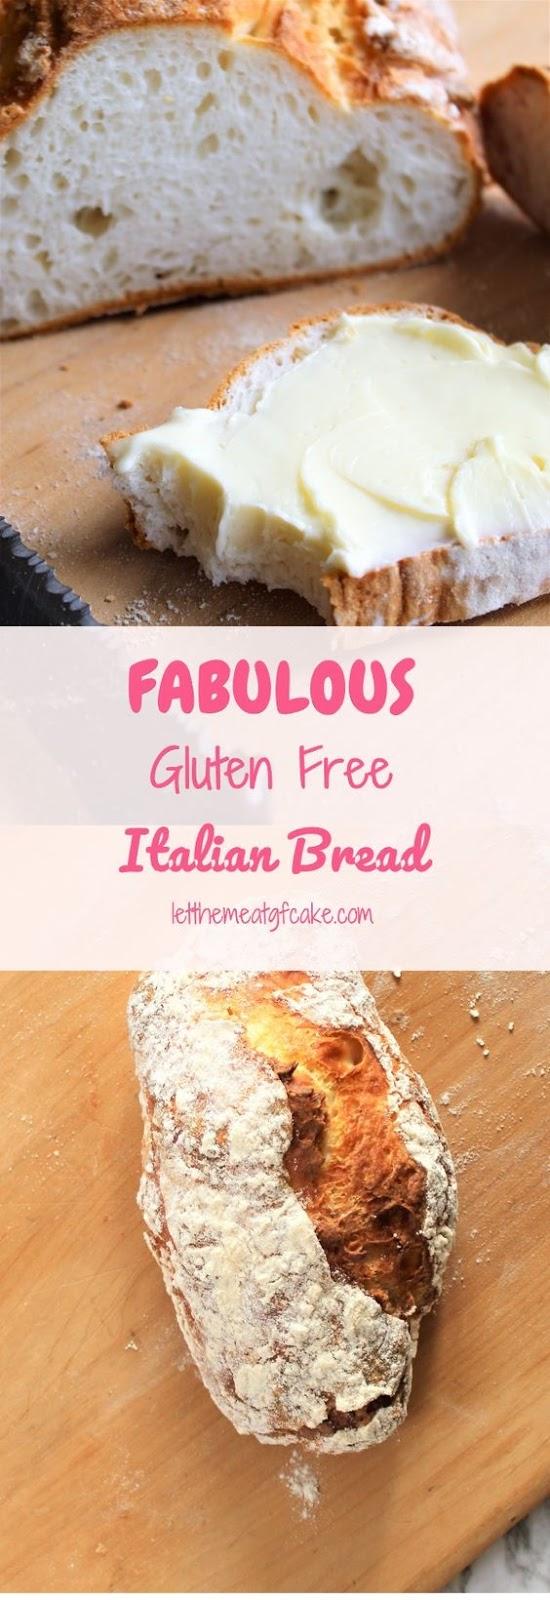 Fabulous Gluten Free Italian Bread